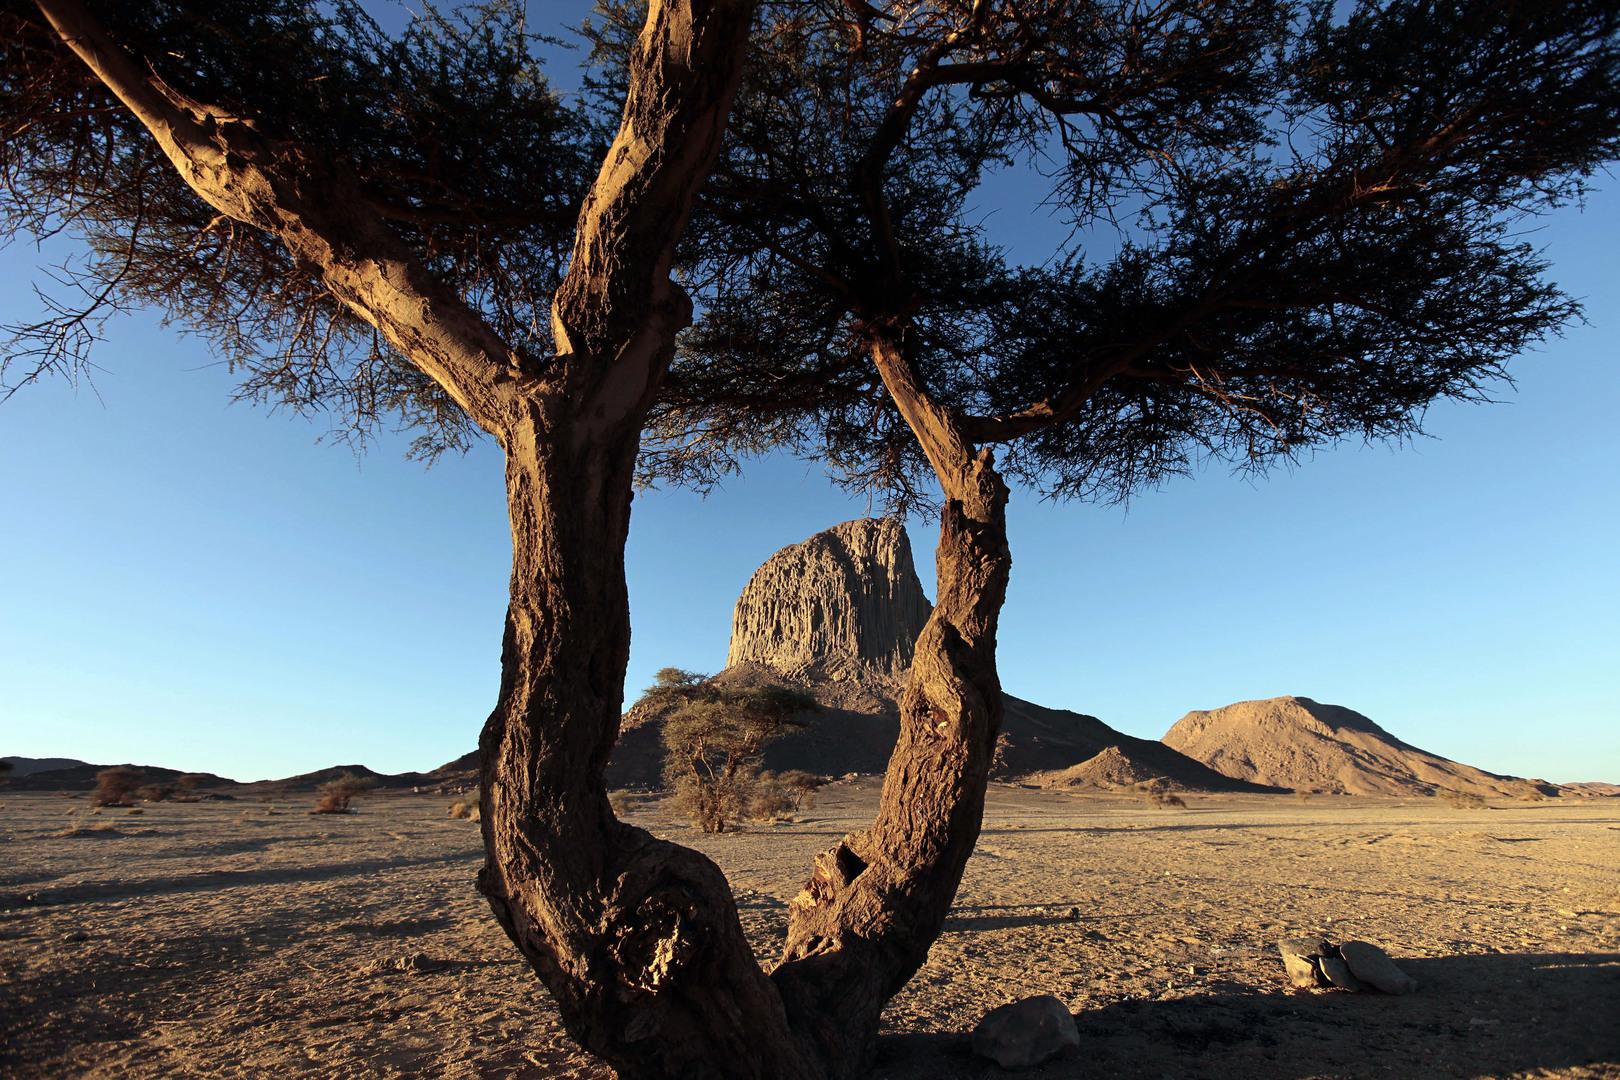 تمنراست في أقصى جنوب الجزائر قاحلة في سطحها عالية الخصوبة في جوفها.